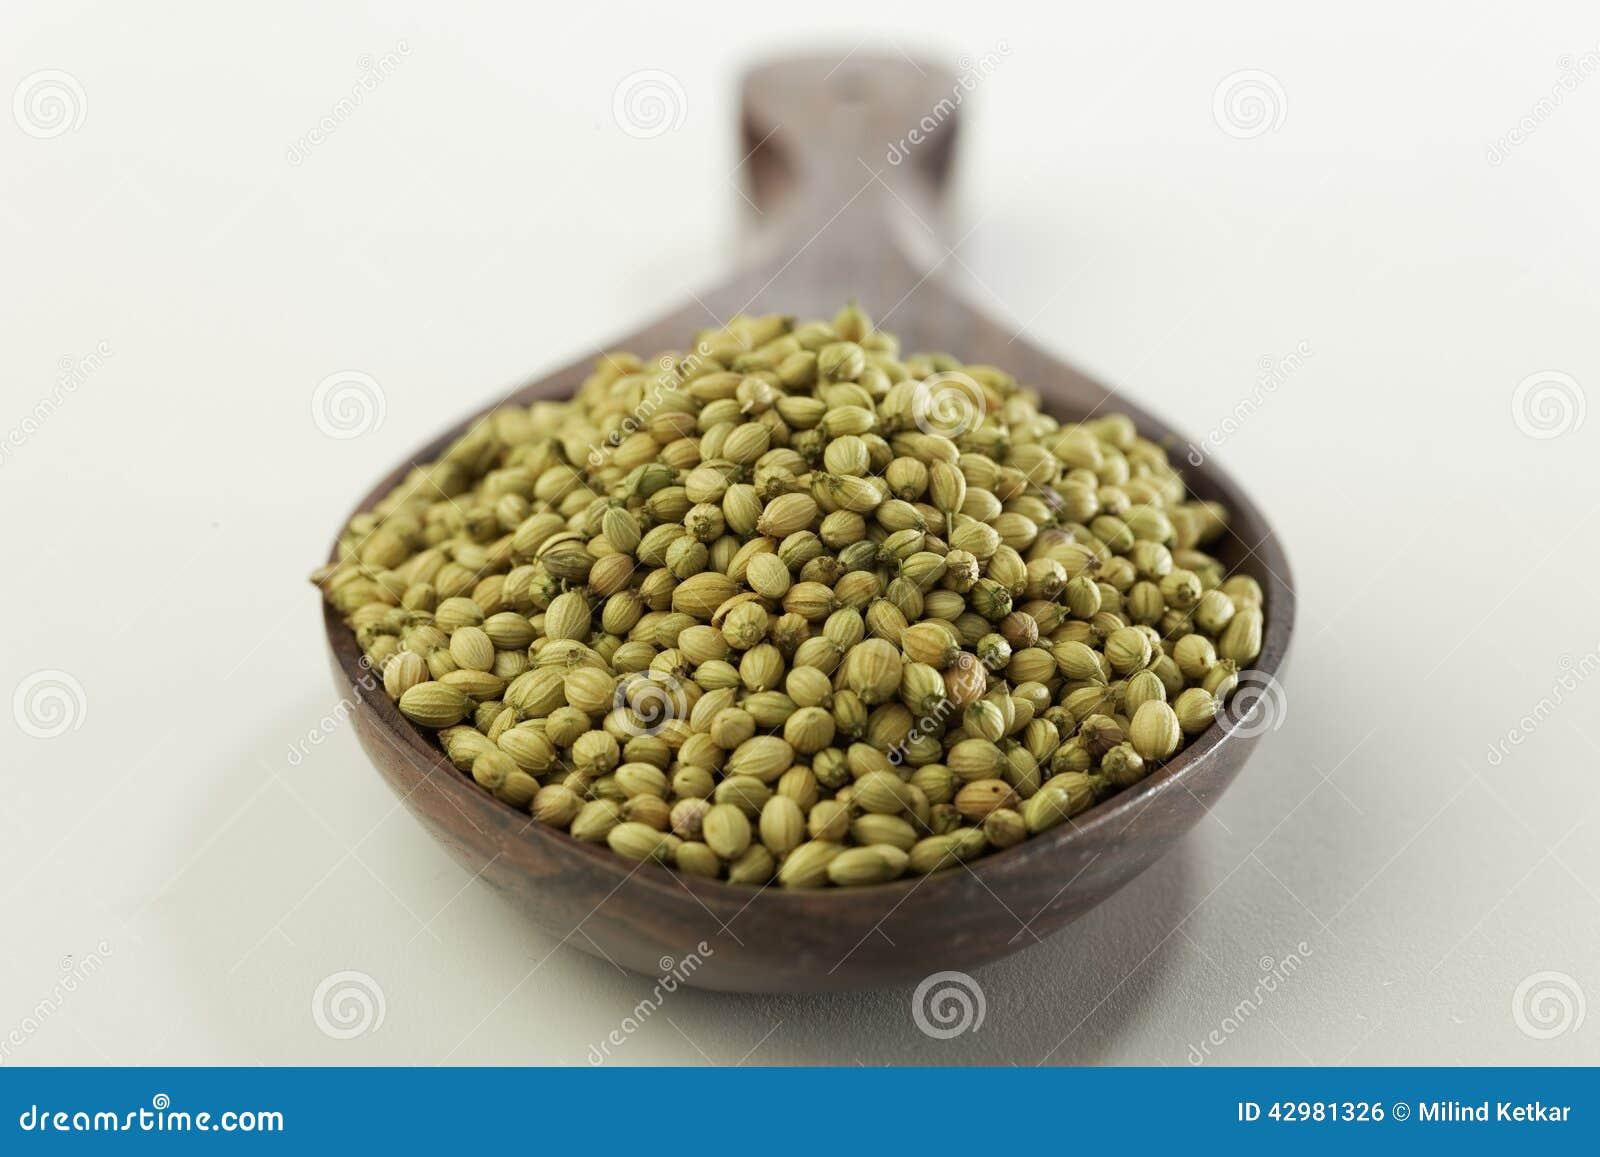 Indiskt krydda-koriander frö